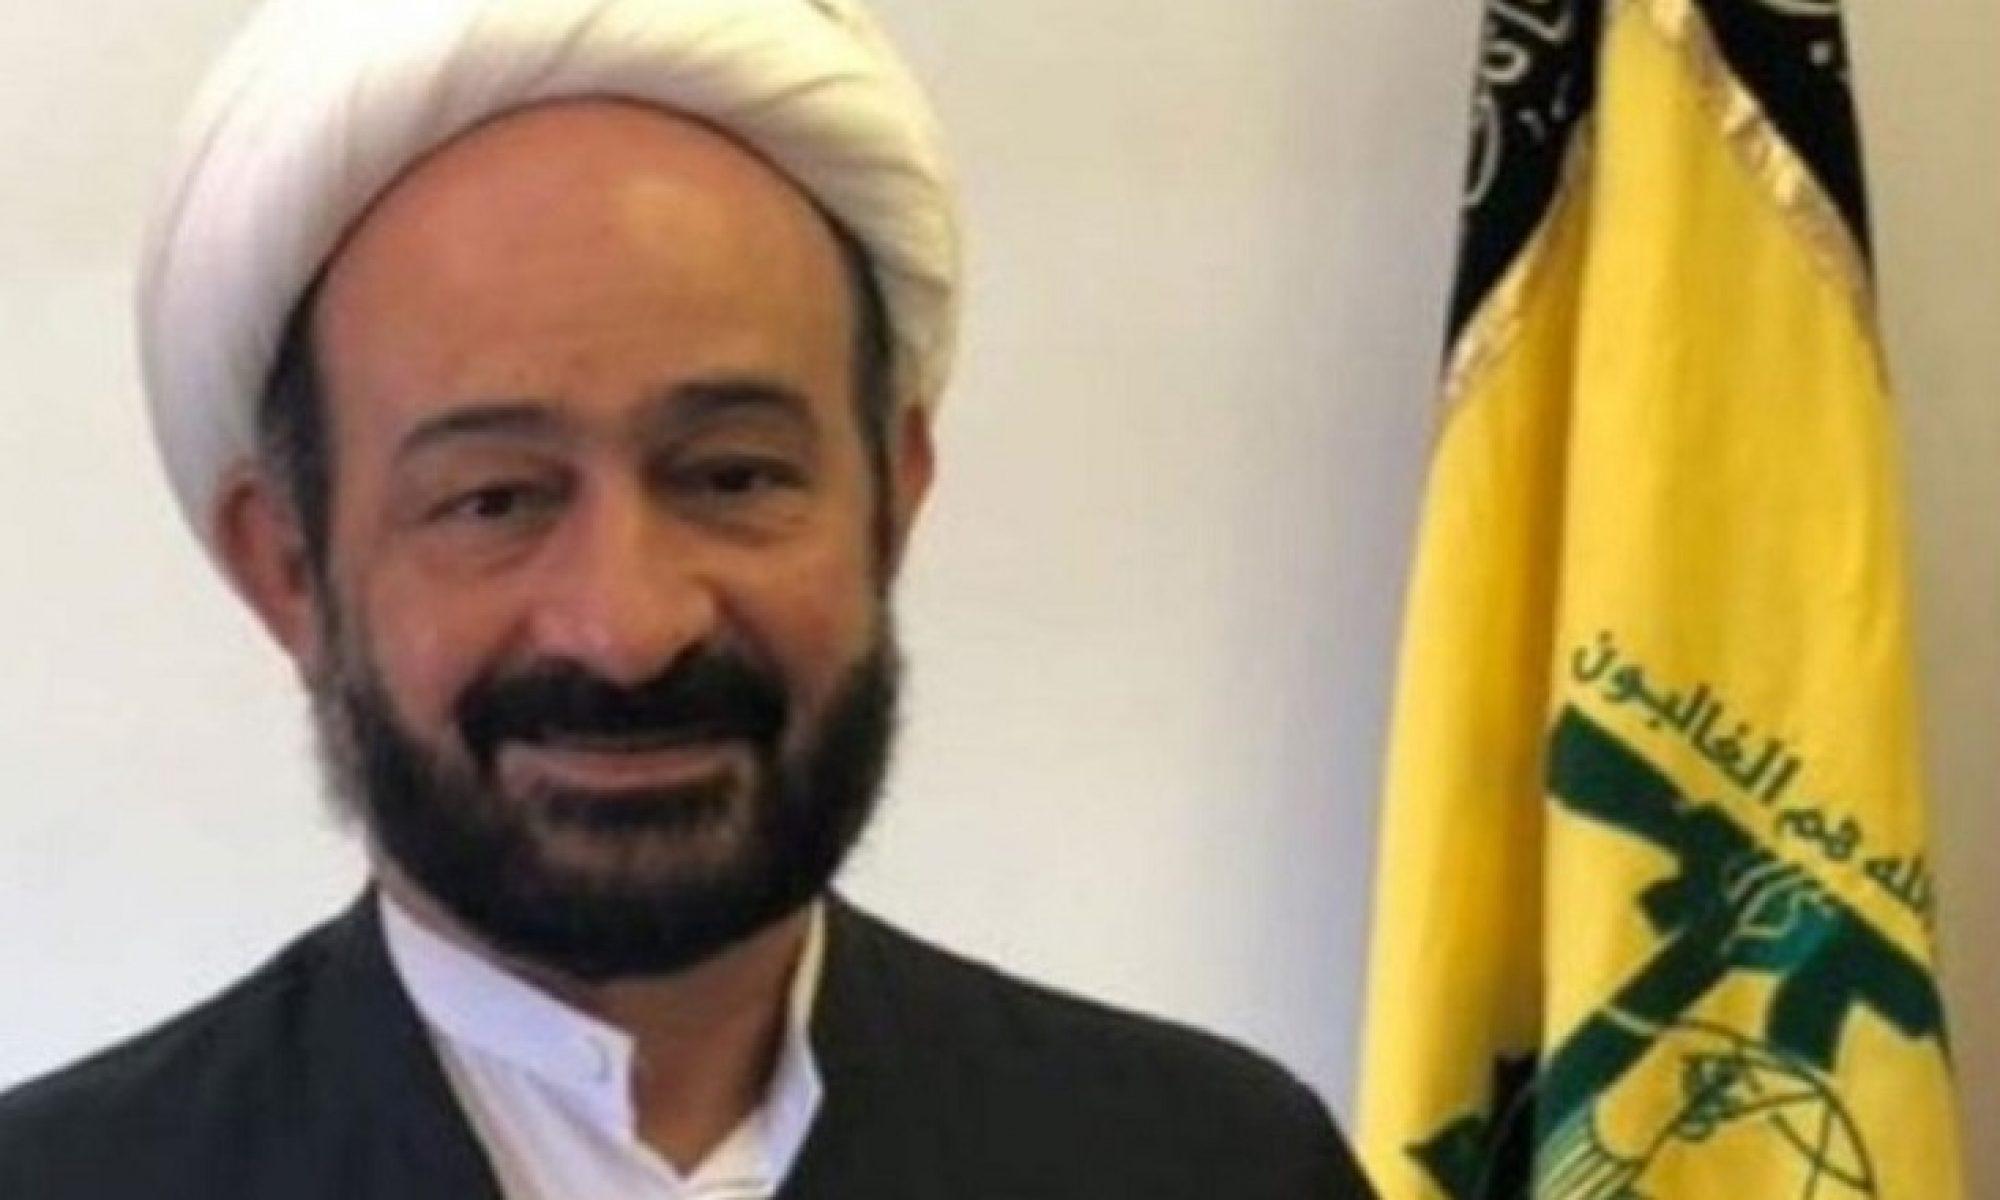 ABD, Hizbullah komutanının başına 10 milyon dolar ödül koydu